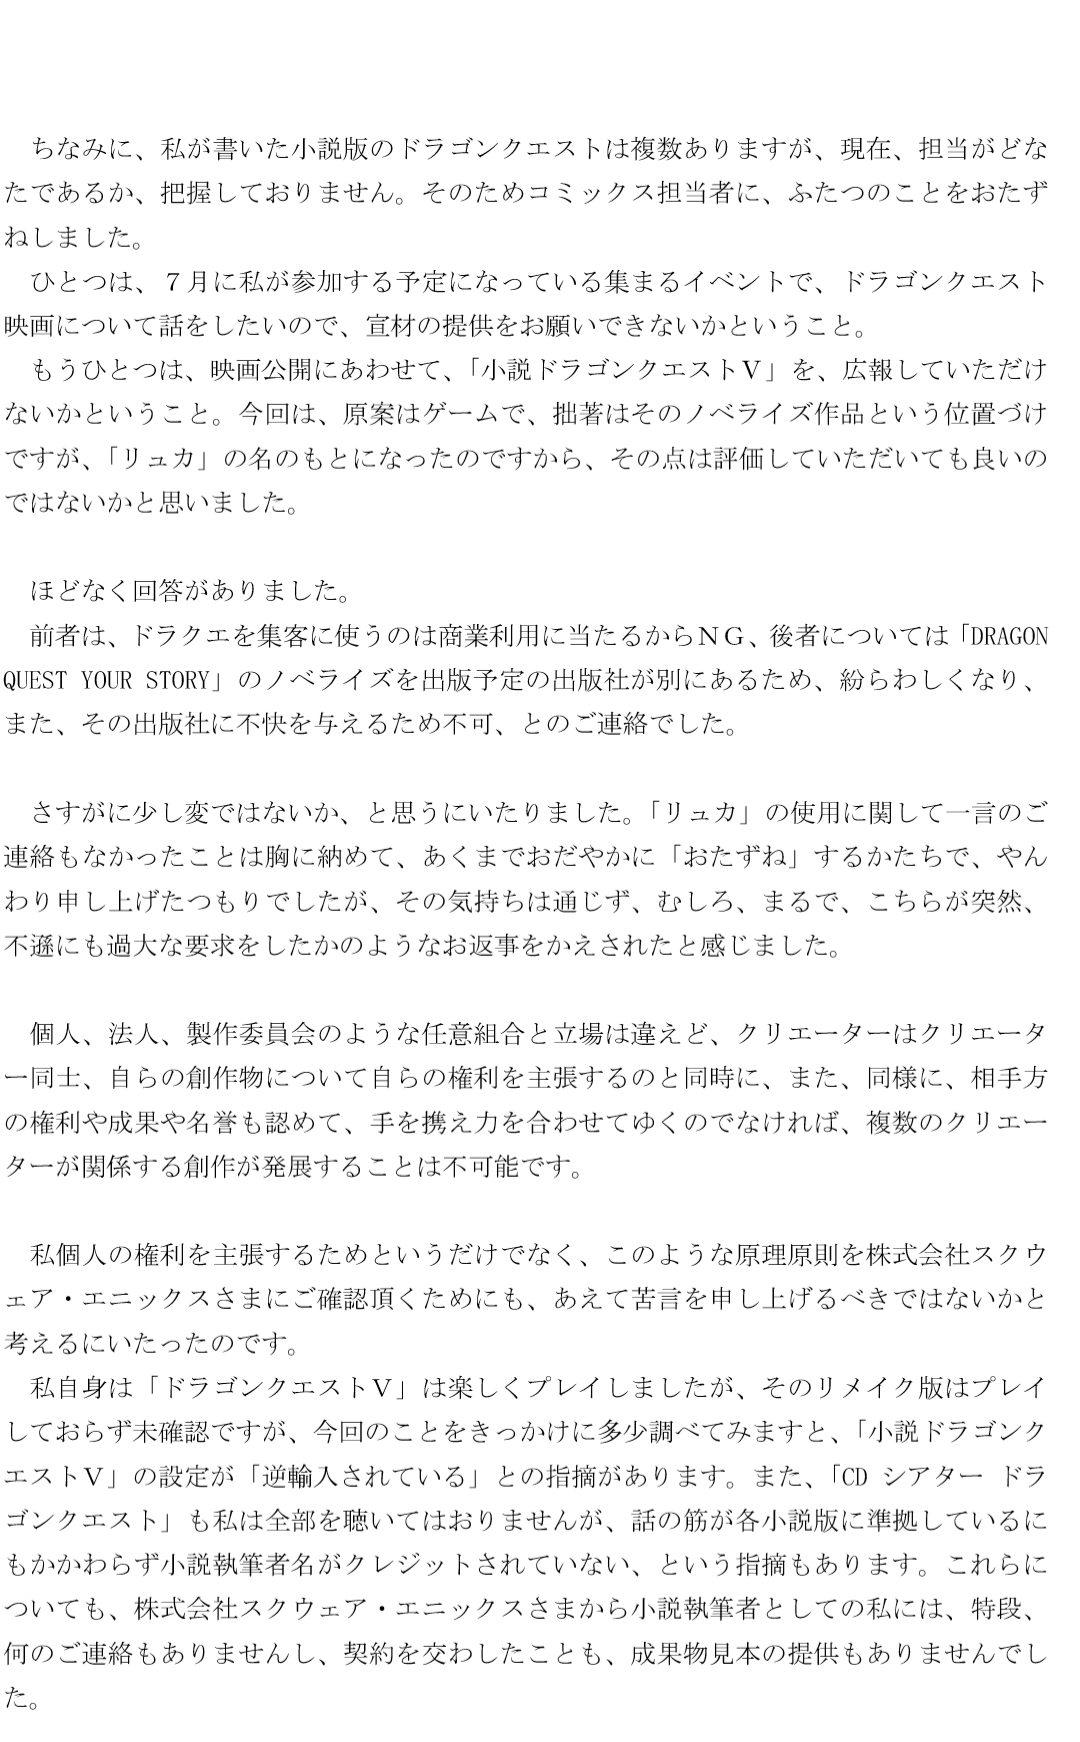 4Fm2Xdx - 小説版「ドラクエⅤ」の原作者 「ユアストーリー」製作委員会を提訴 主人公名を無許可で使用